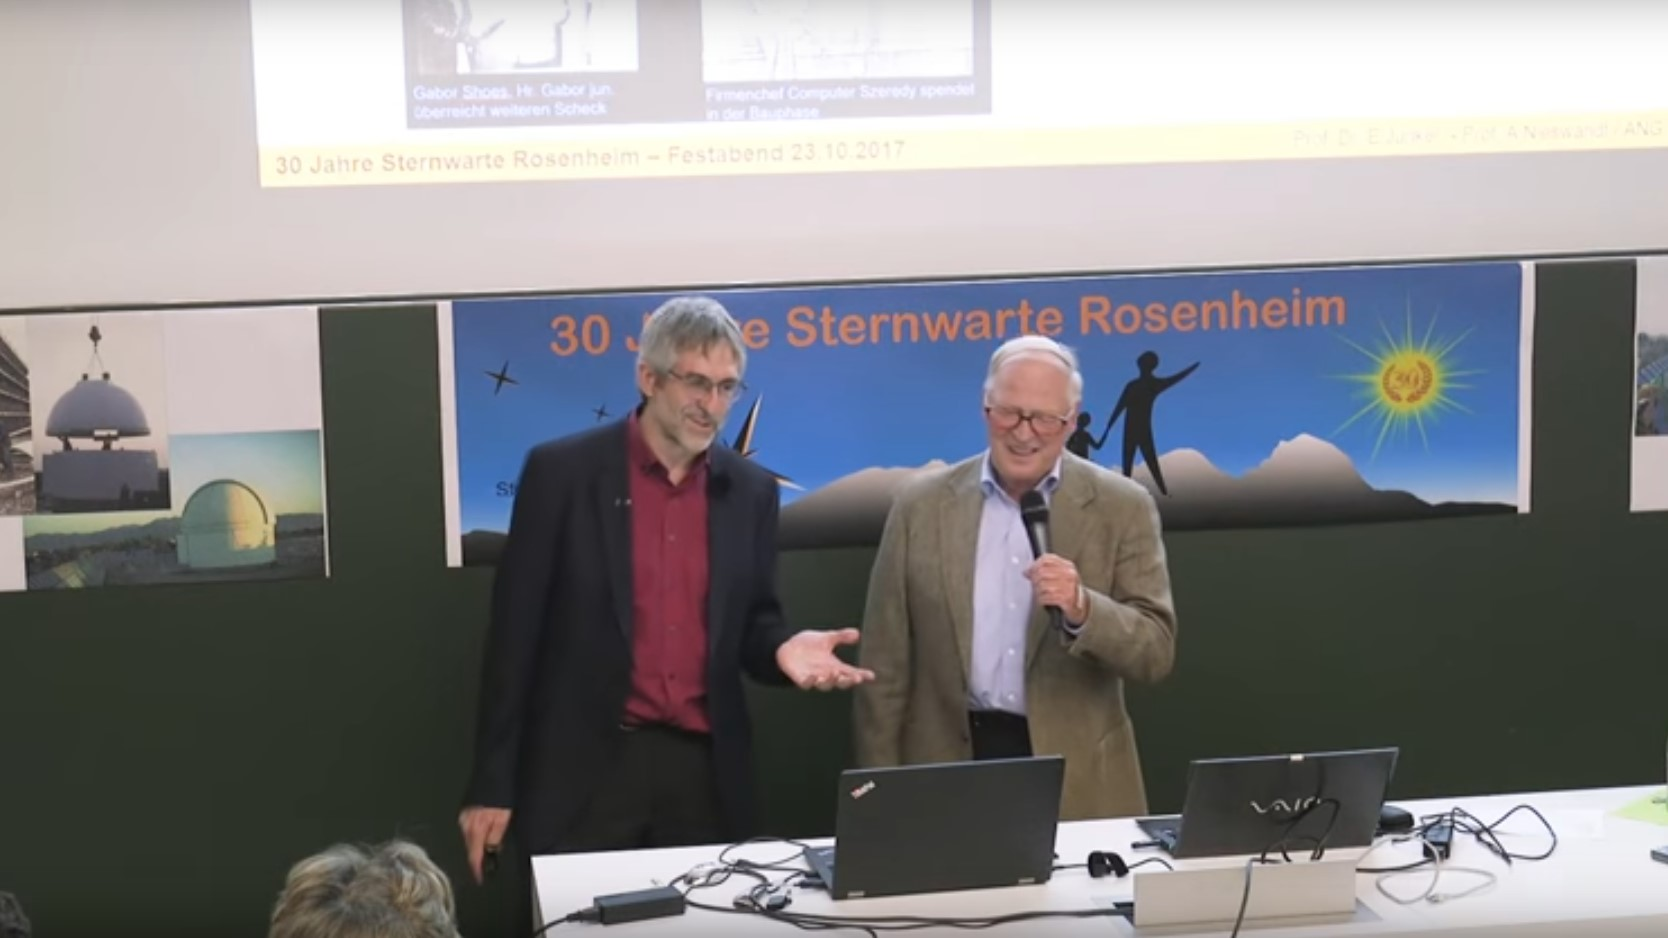 30 Jahre Sternwarte Rosenheim